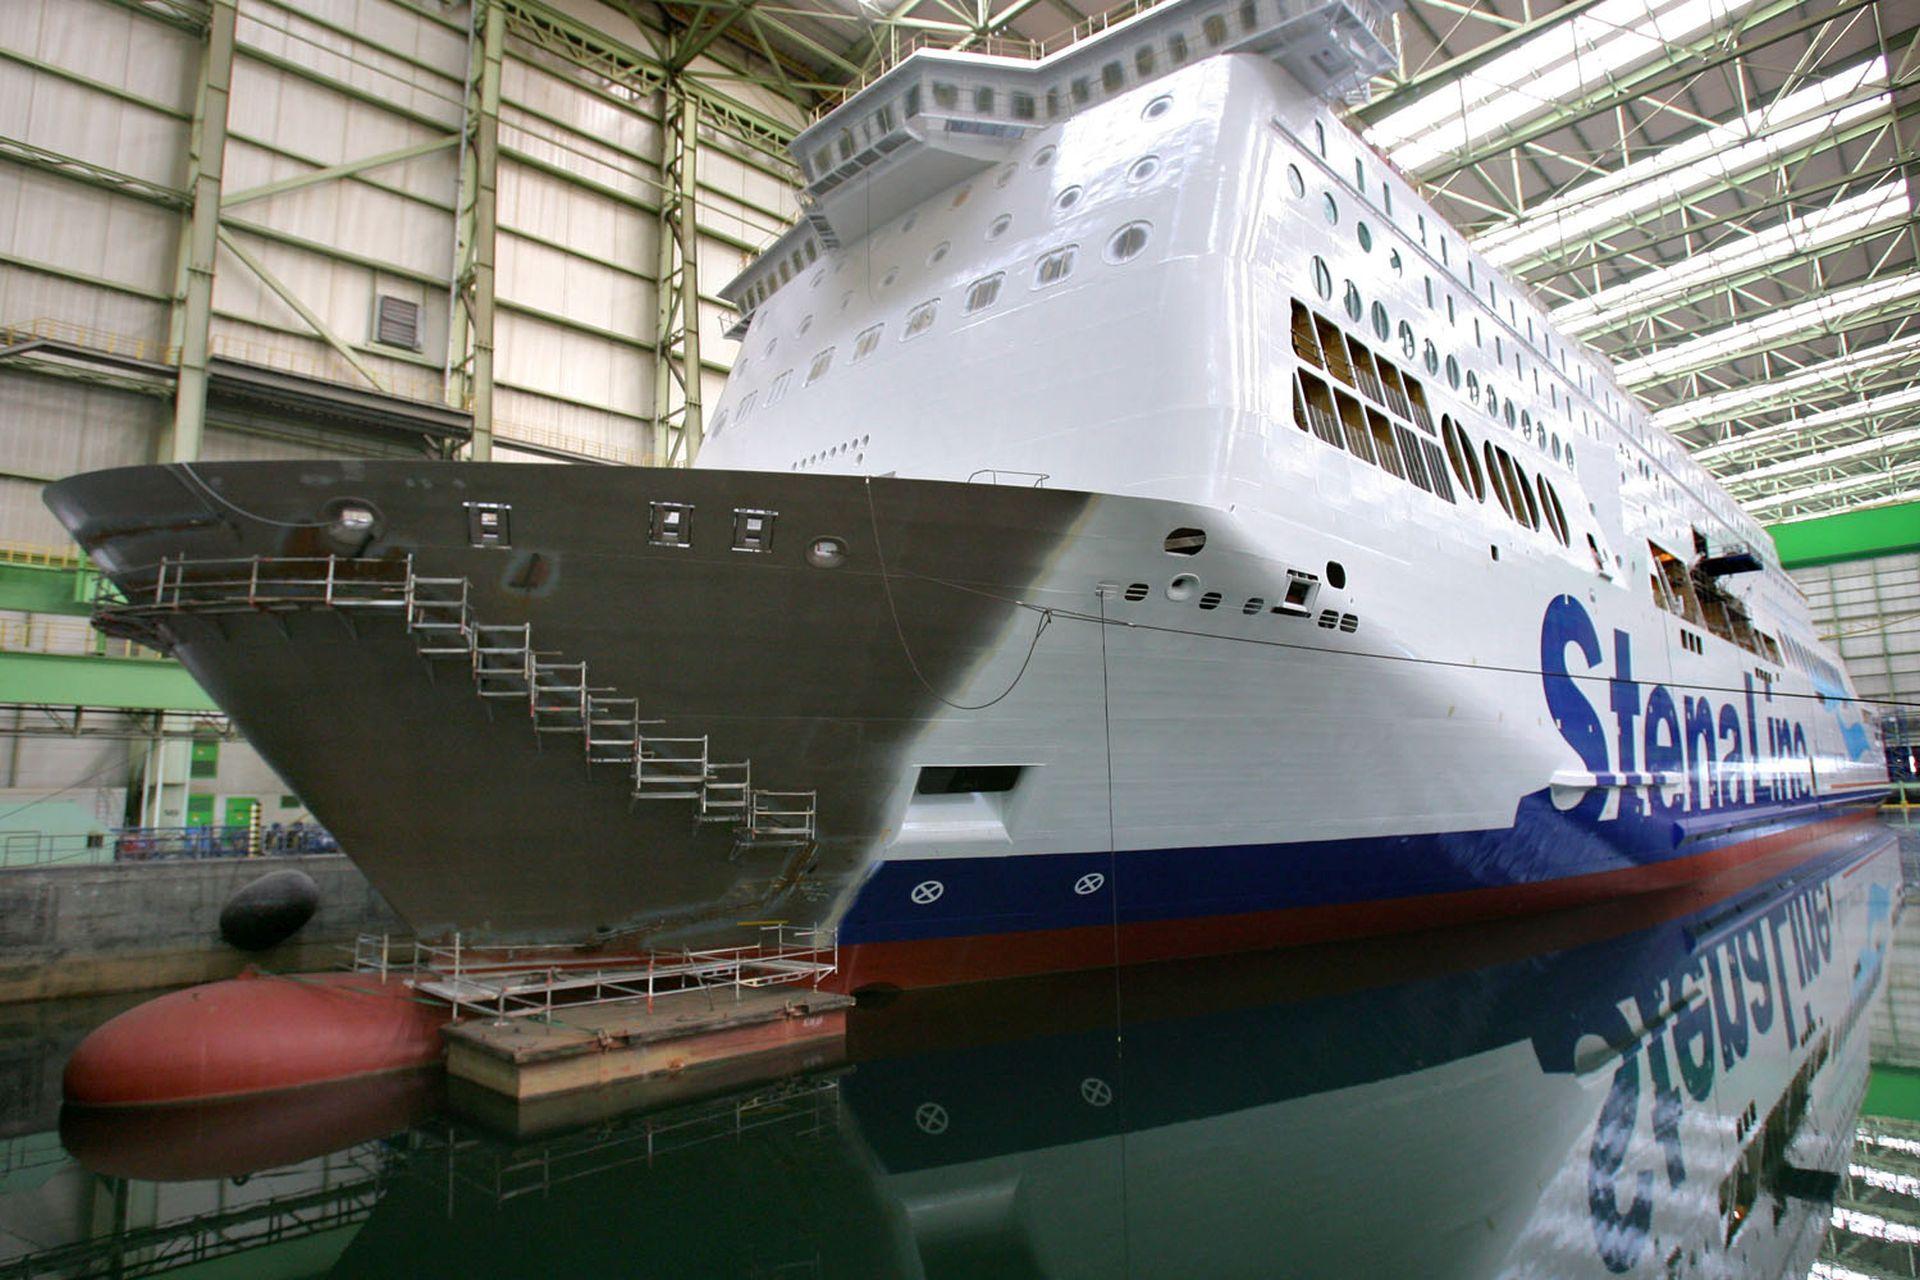 Im Dock der Nordic-Werft in Wismar liegt eine zu 80 Prozent fertige Großfähre für die schwedische Reederei Stena Line, aufgenommen am 01.10.2009. Zwei Monate nach der Eröffnung des Insolvenzverfahrens für die früheren Wadan-Werften wurde in den Werften des Nachfolgers Nordic Yards in Wismar und Warnmünde am 01.10.2009 die Arbeit wieder aufgenommen. Foto: Bernd Wüstneck +++(c) dpa - Report+++